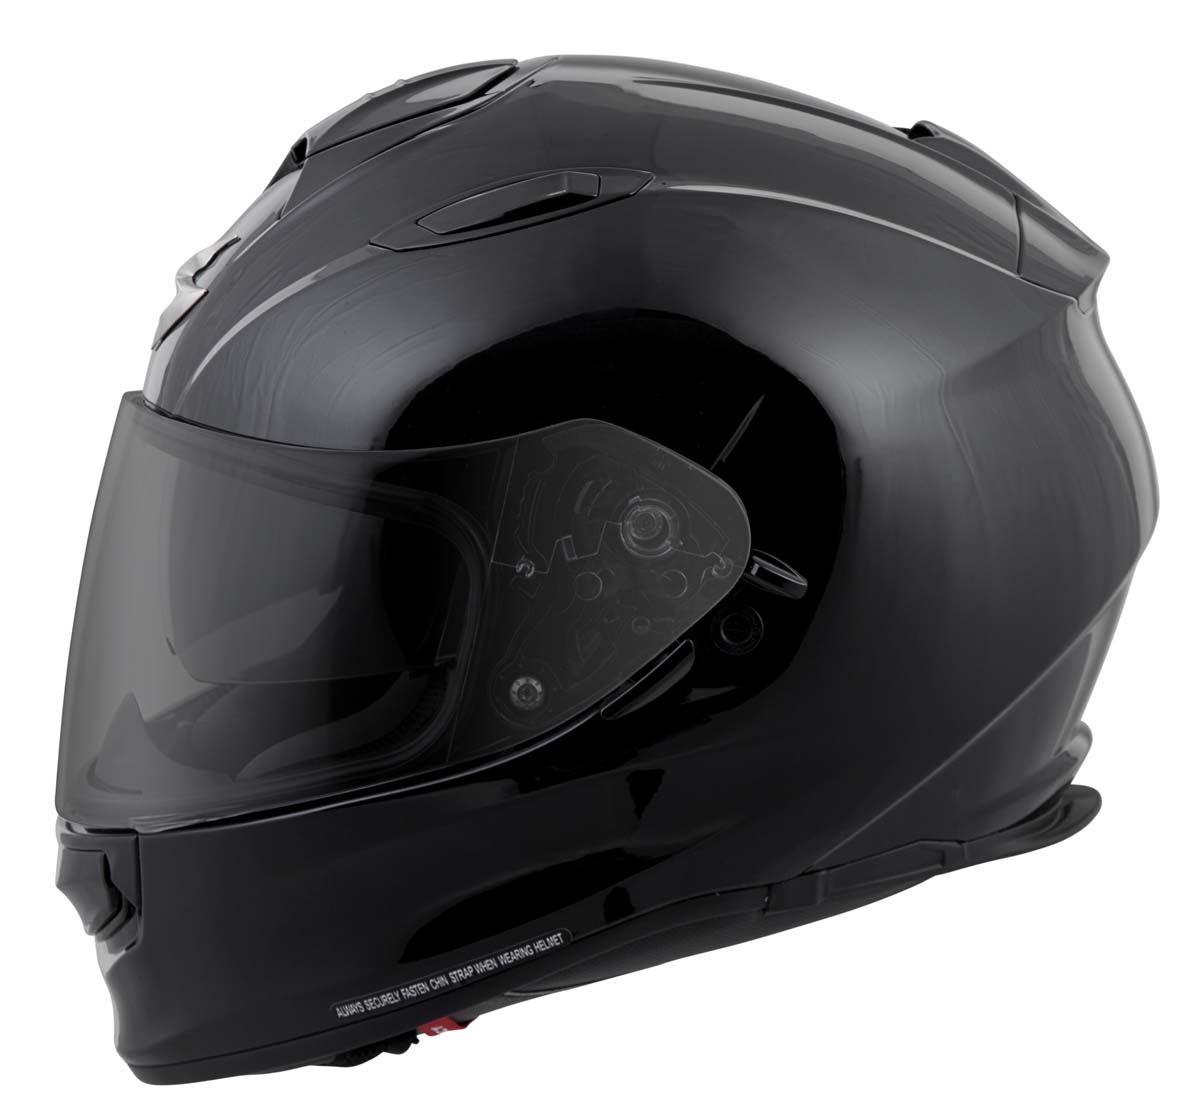 Scorpion-EXO-T510-Helmet-Full-Face-DOT-Approved-Inner-Sun-Shield miniature 10